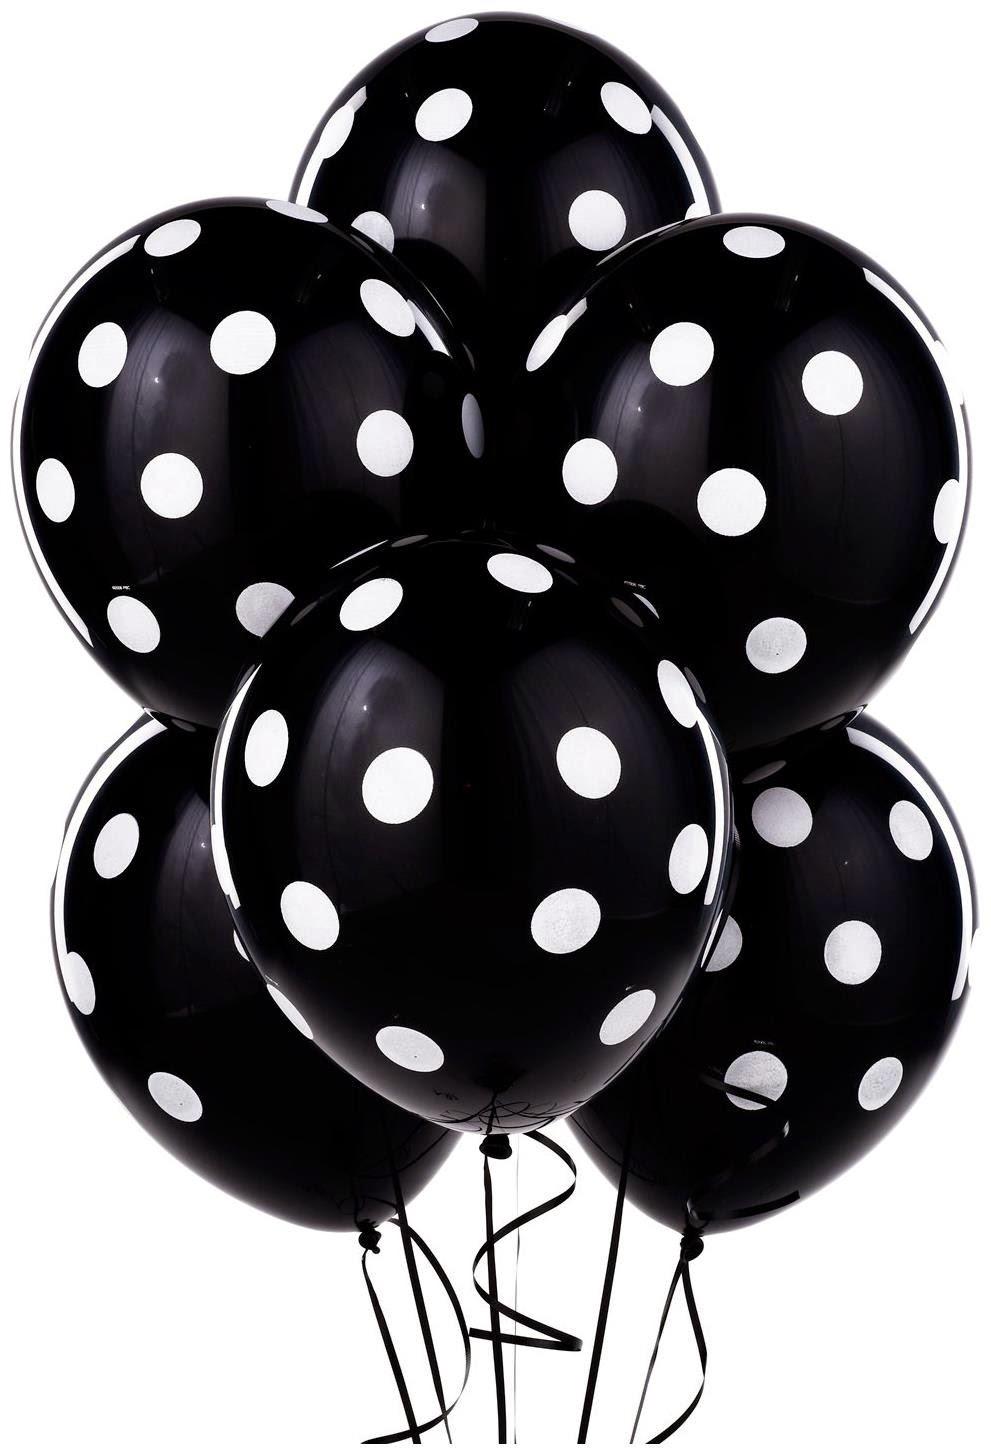 Polka-baloons